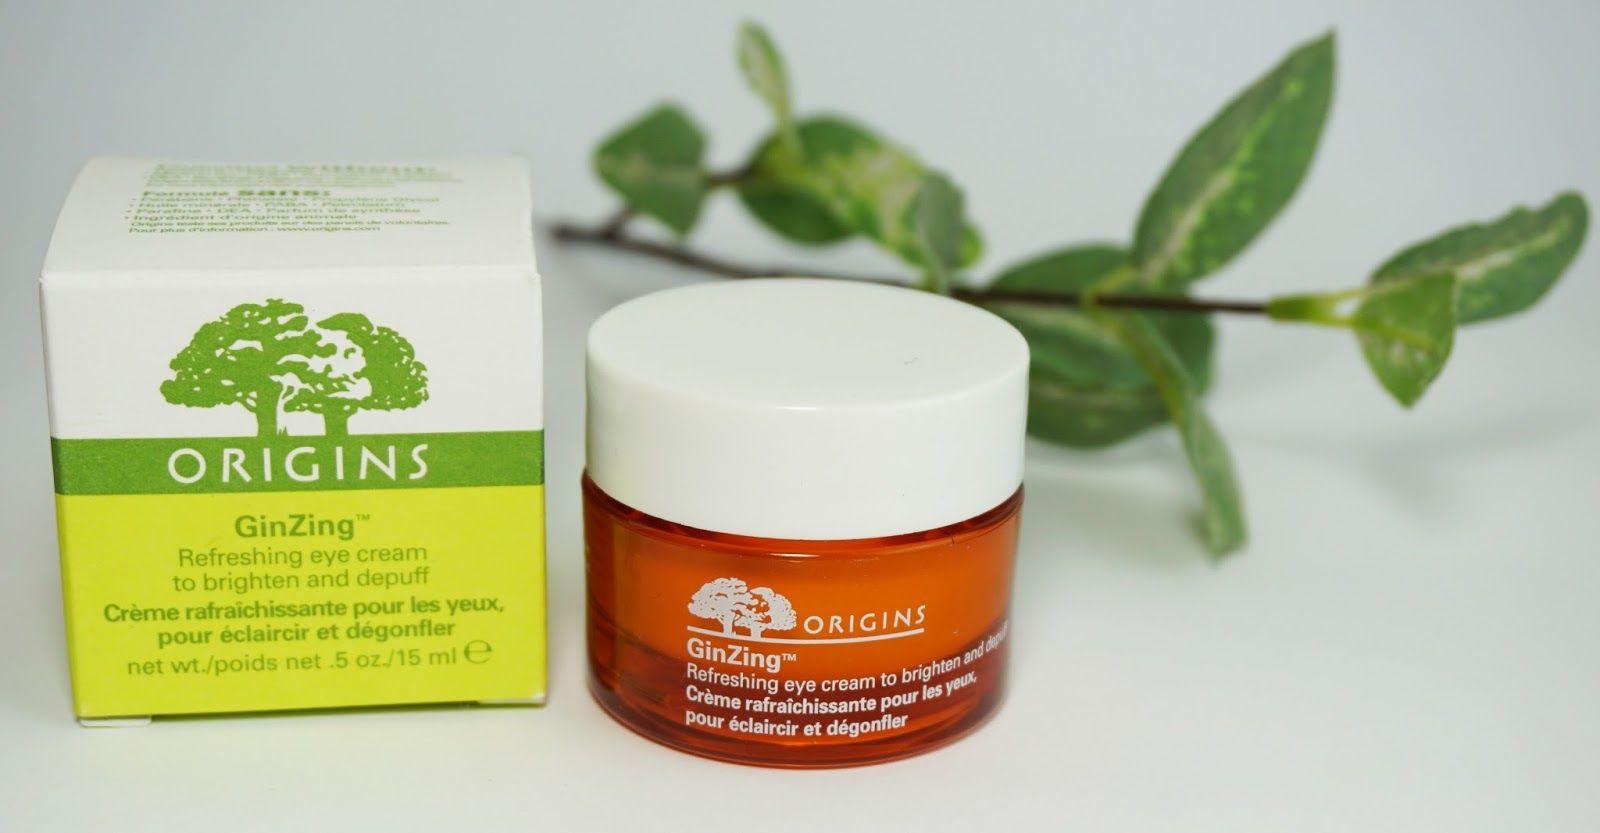 Origins - GinZing Refreshing Eye Cream (Augencreme